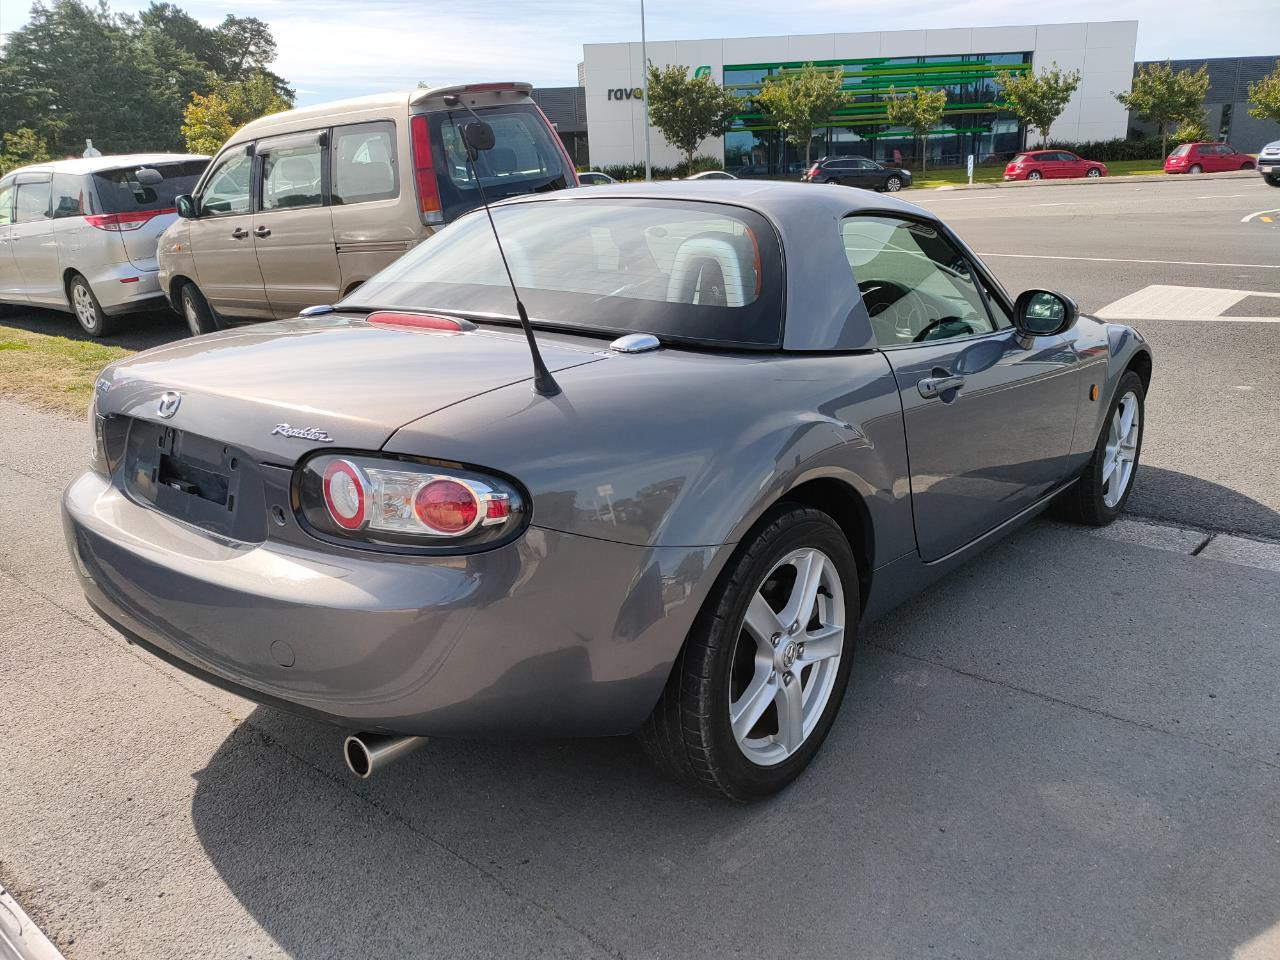 image-5, 2006 Mazda Roadster at Christchurch